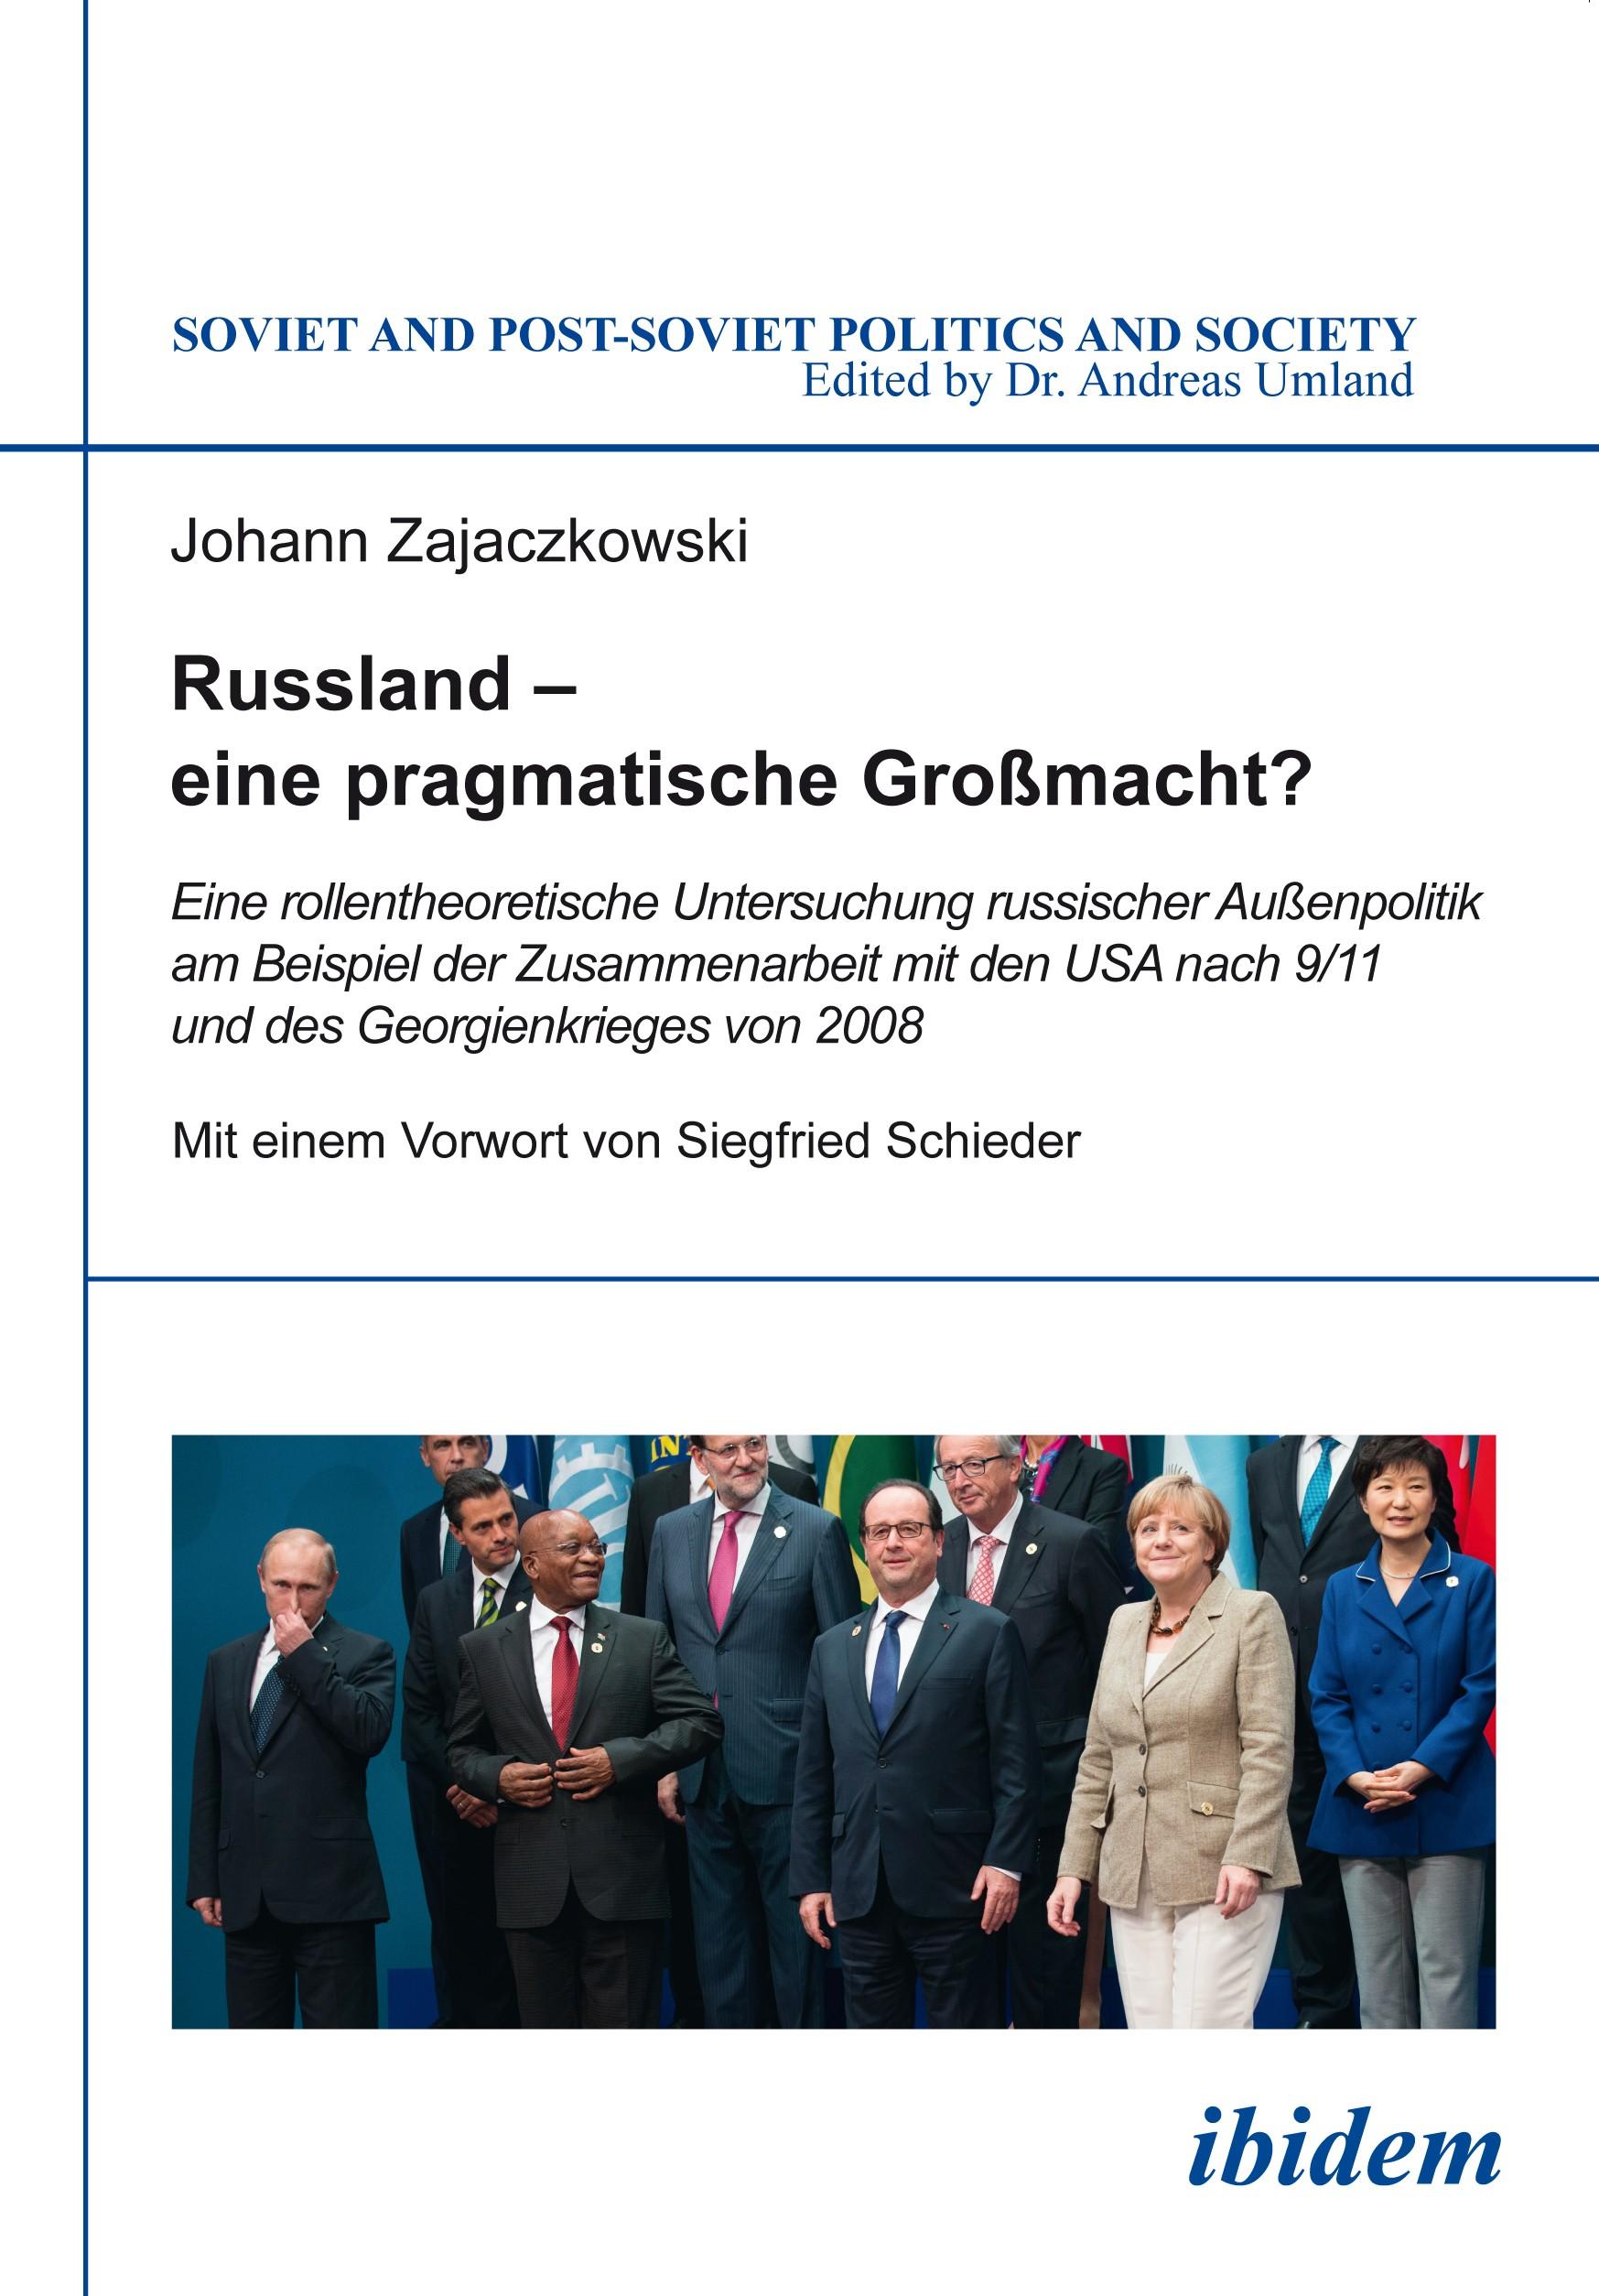 Russland – eine pragmatische Großmacht?